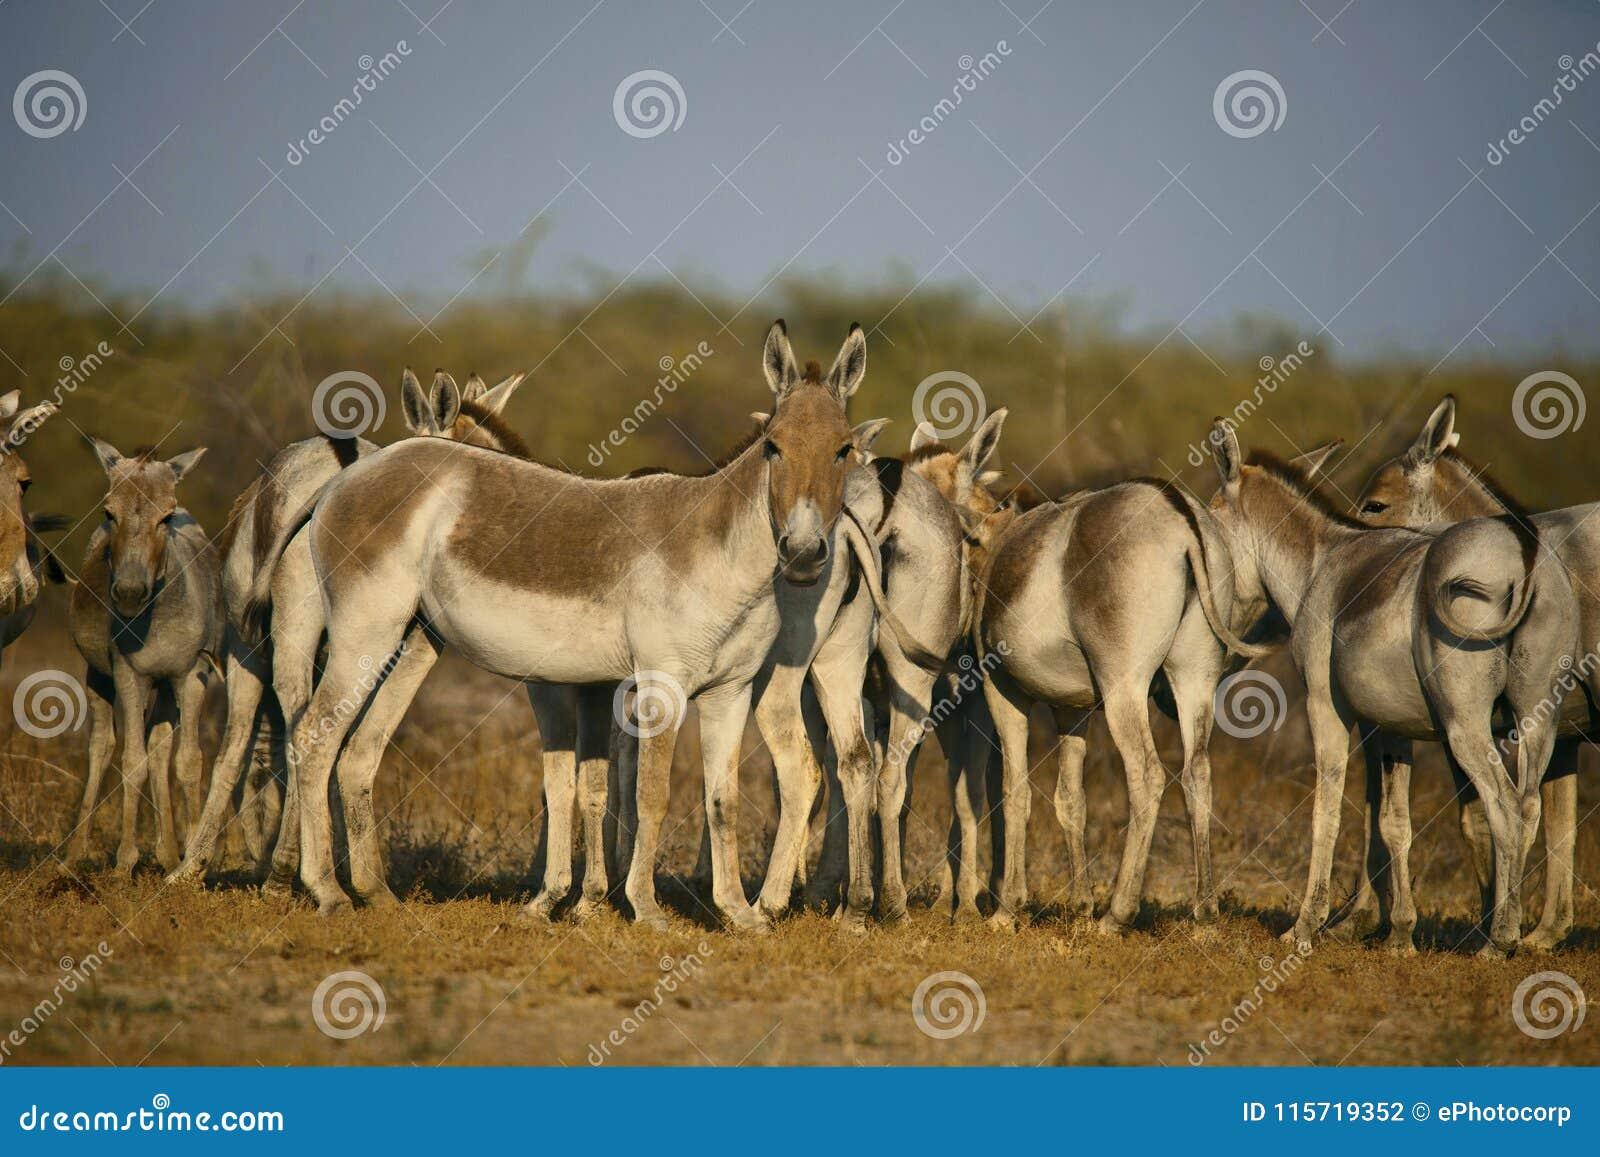 Aziatische Wilde Ezel, Equus-hemionus khur, Weinig Rann van Kutch, Gujarat